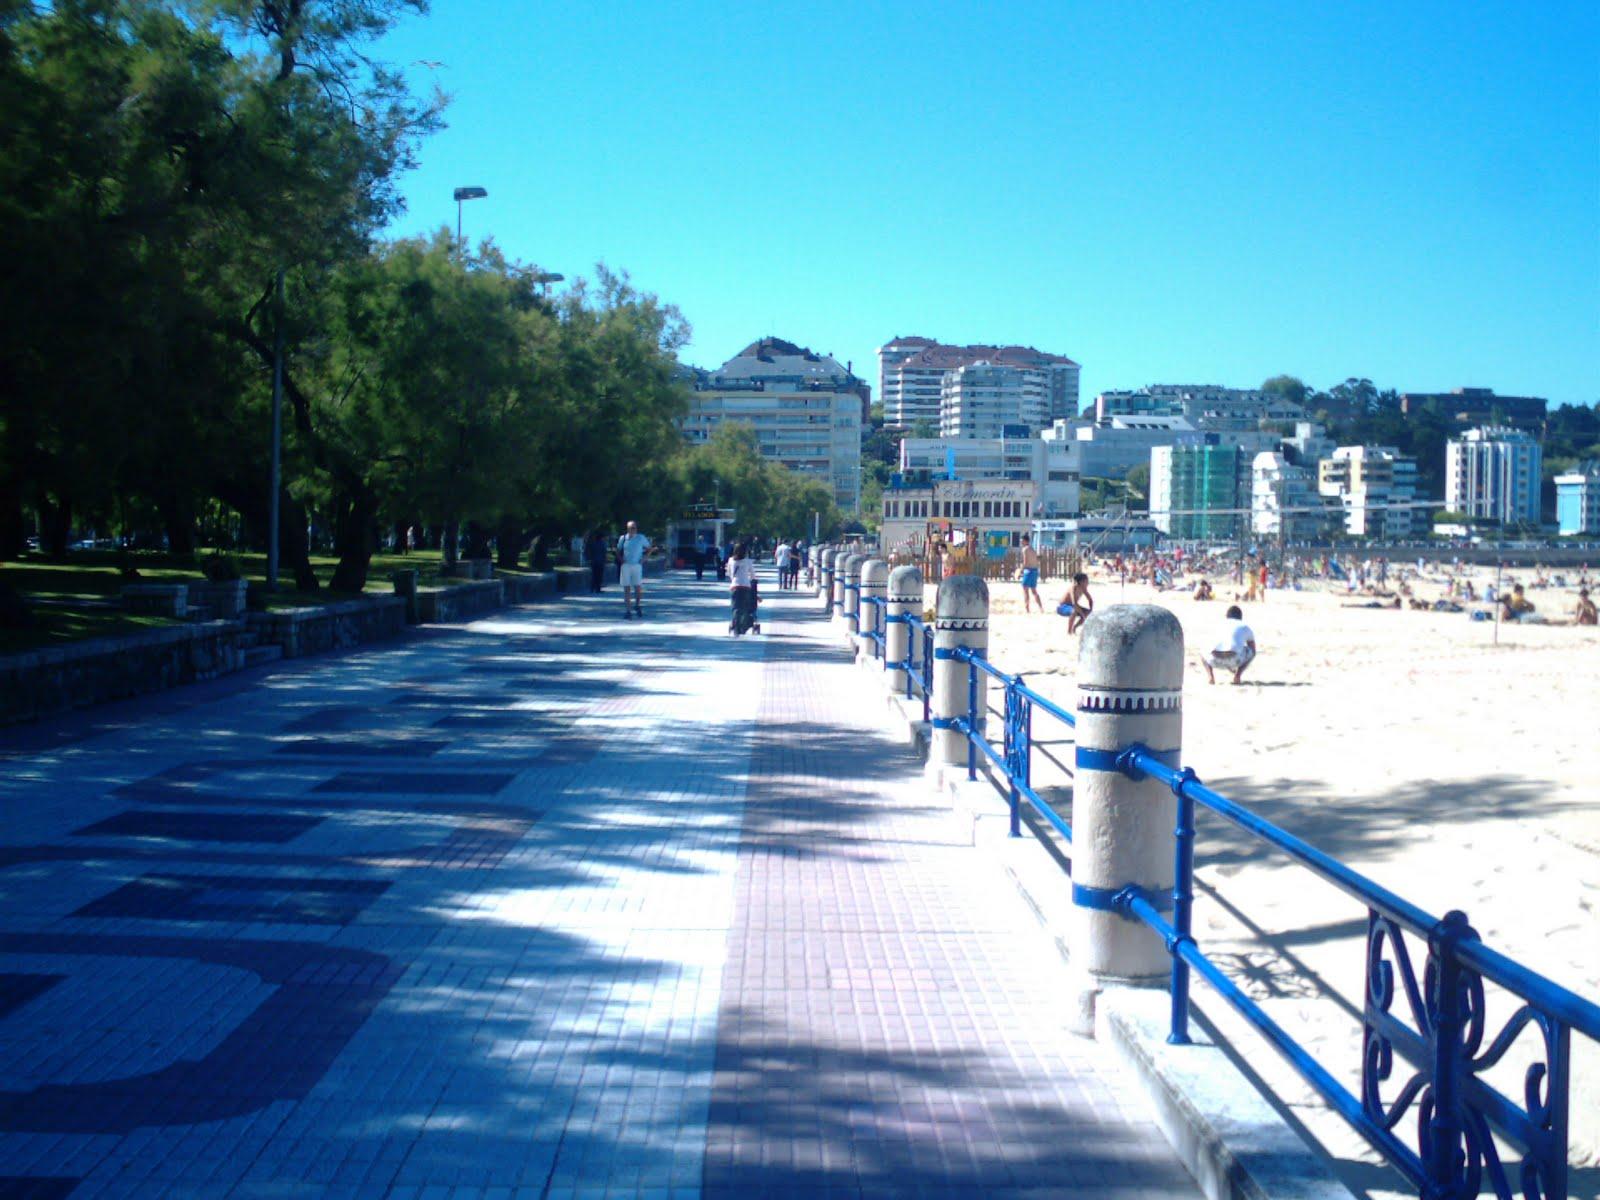 Segunda+Playa+de+El+Sardinero+4.JPG